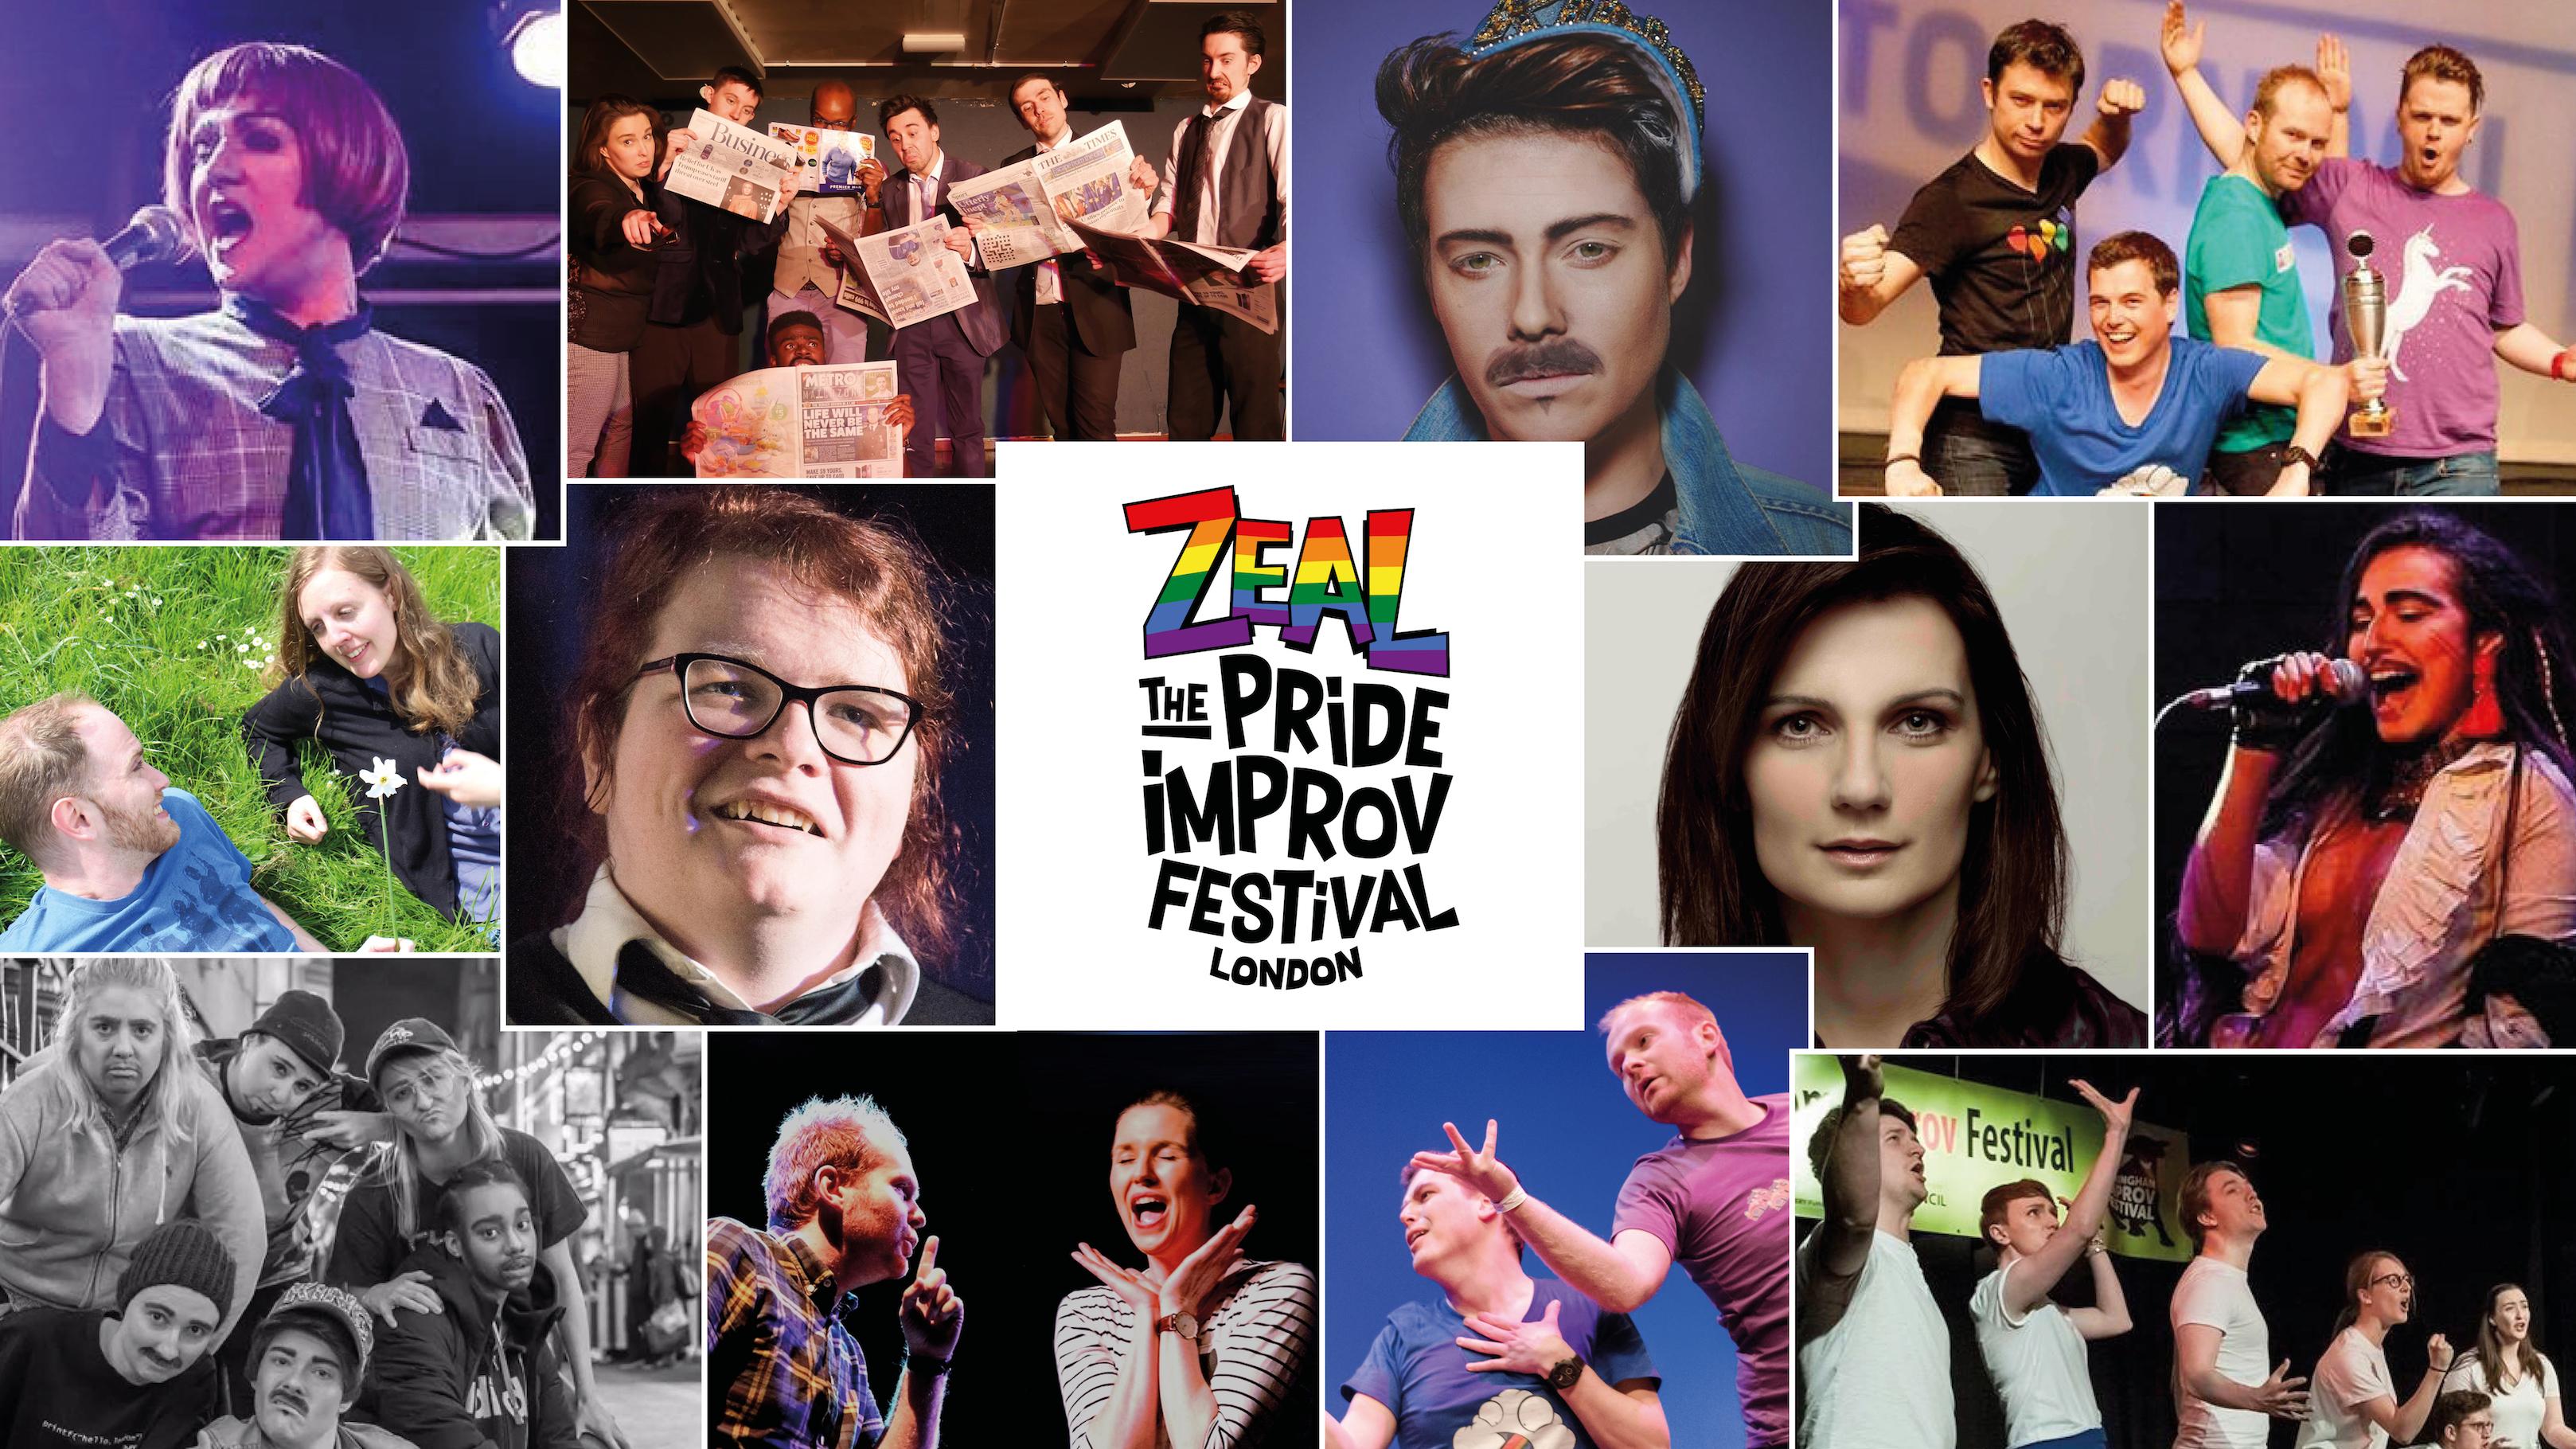 PREVIEW: Zeal: The Pride Improv Festival returns for Pride in London Festival